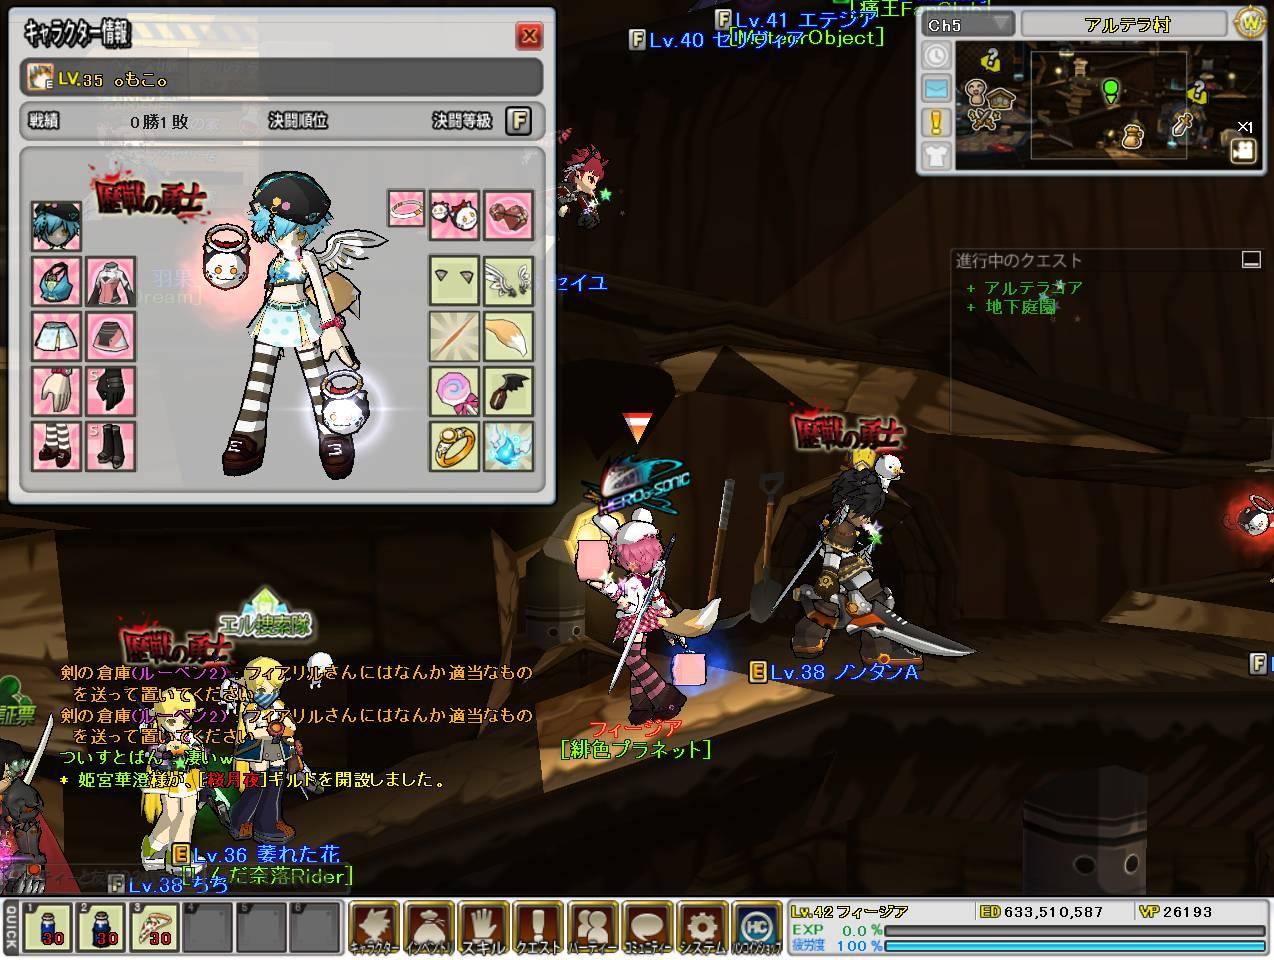 SC_2010_10_17_18_14_18_.jpg